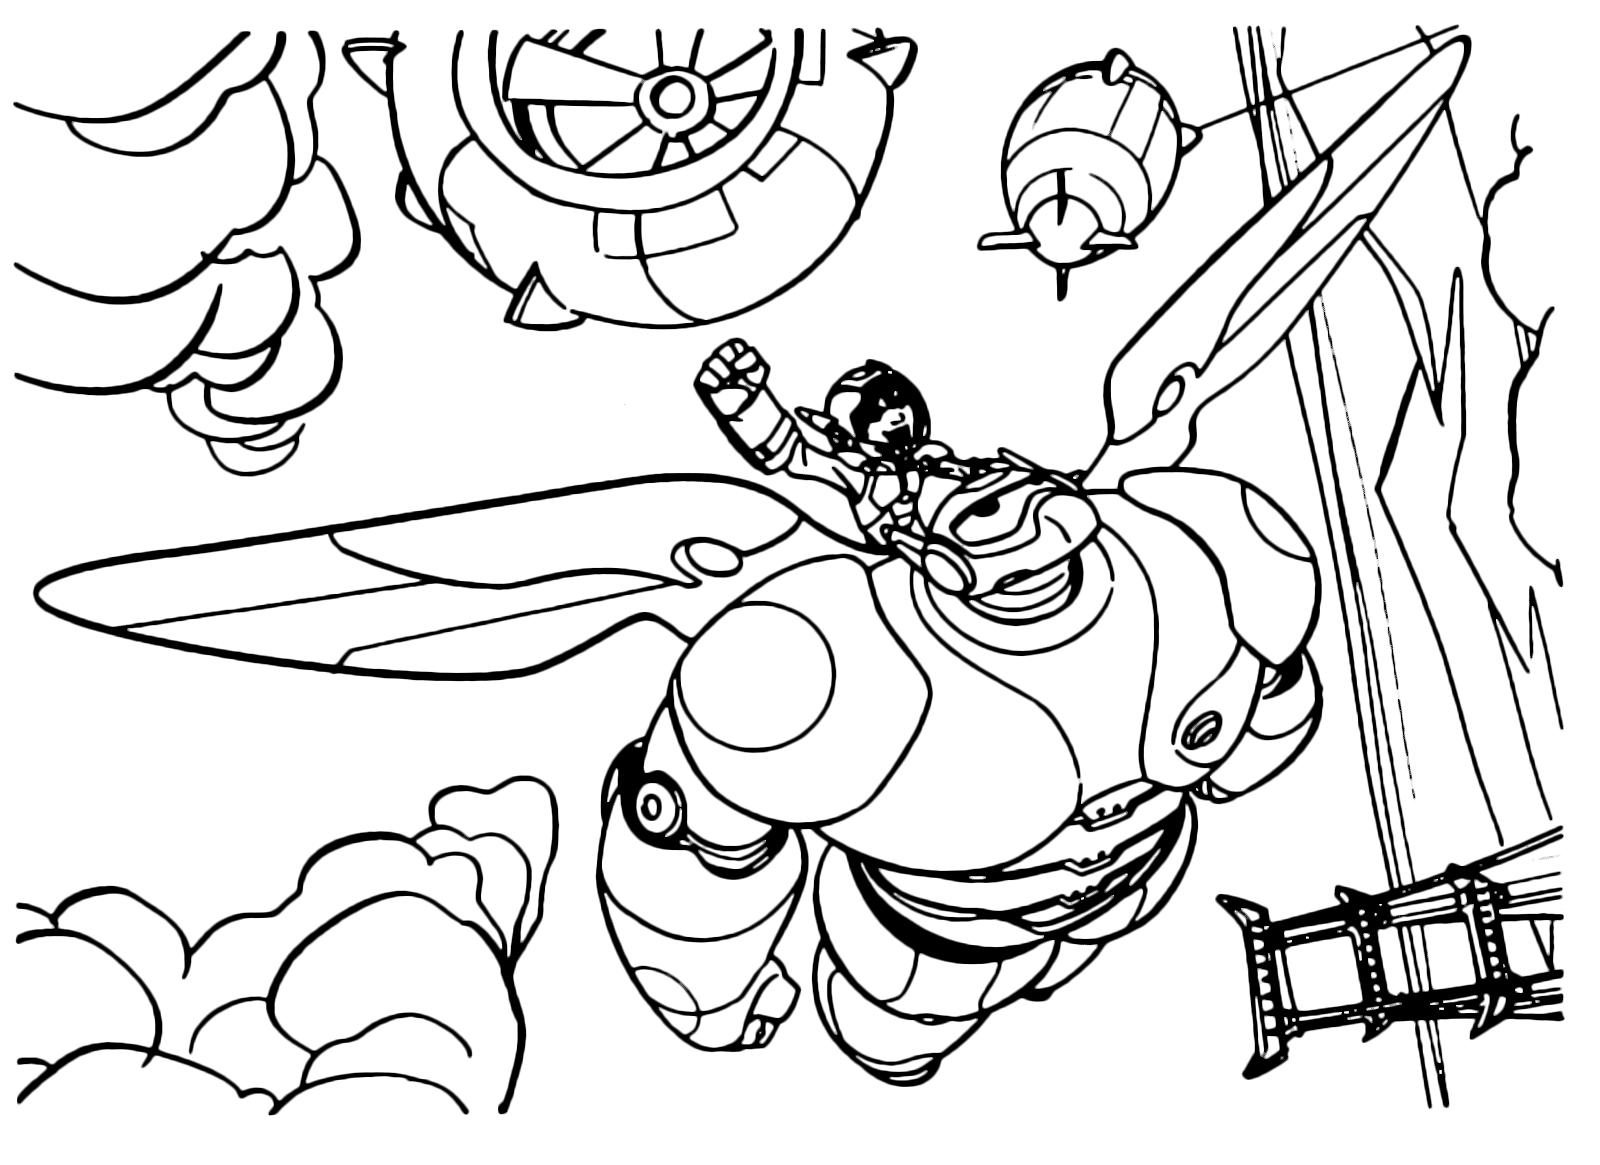 disegni da colorare transformers 4